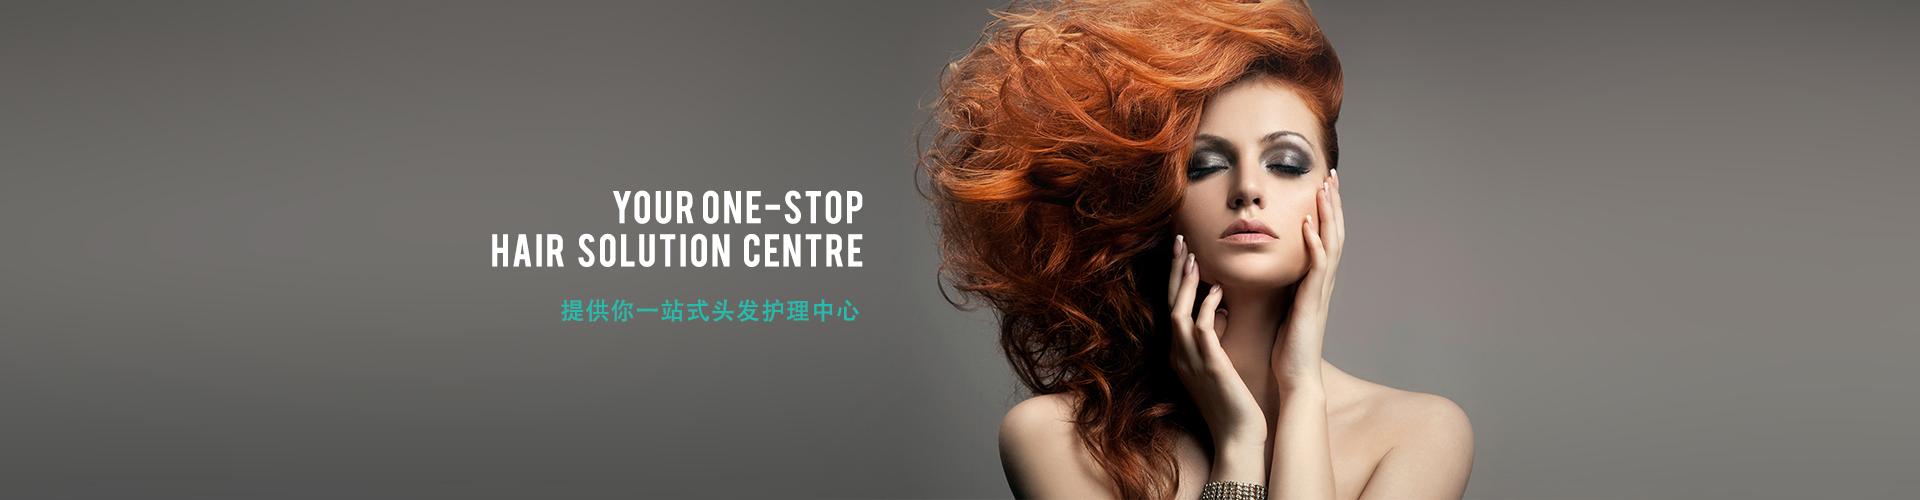 We-hair-salon-slider-main-01